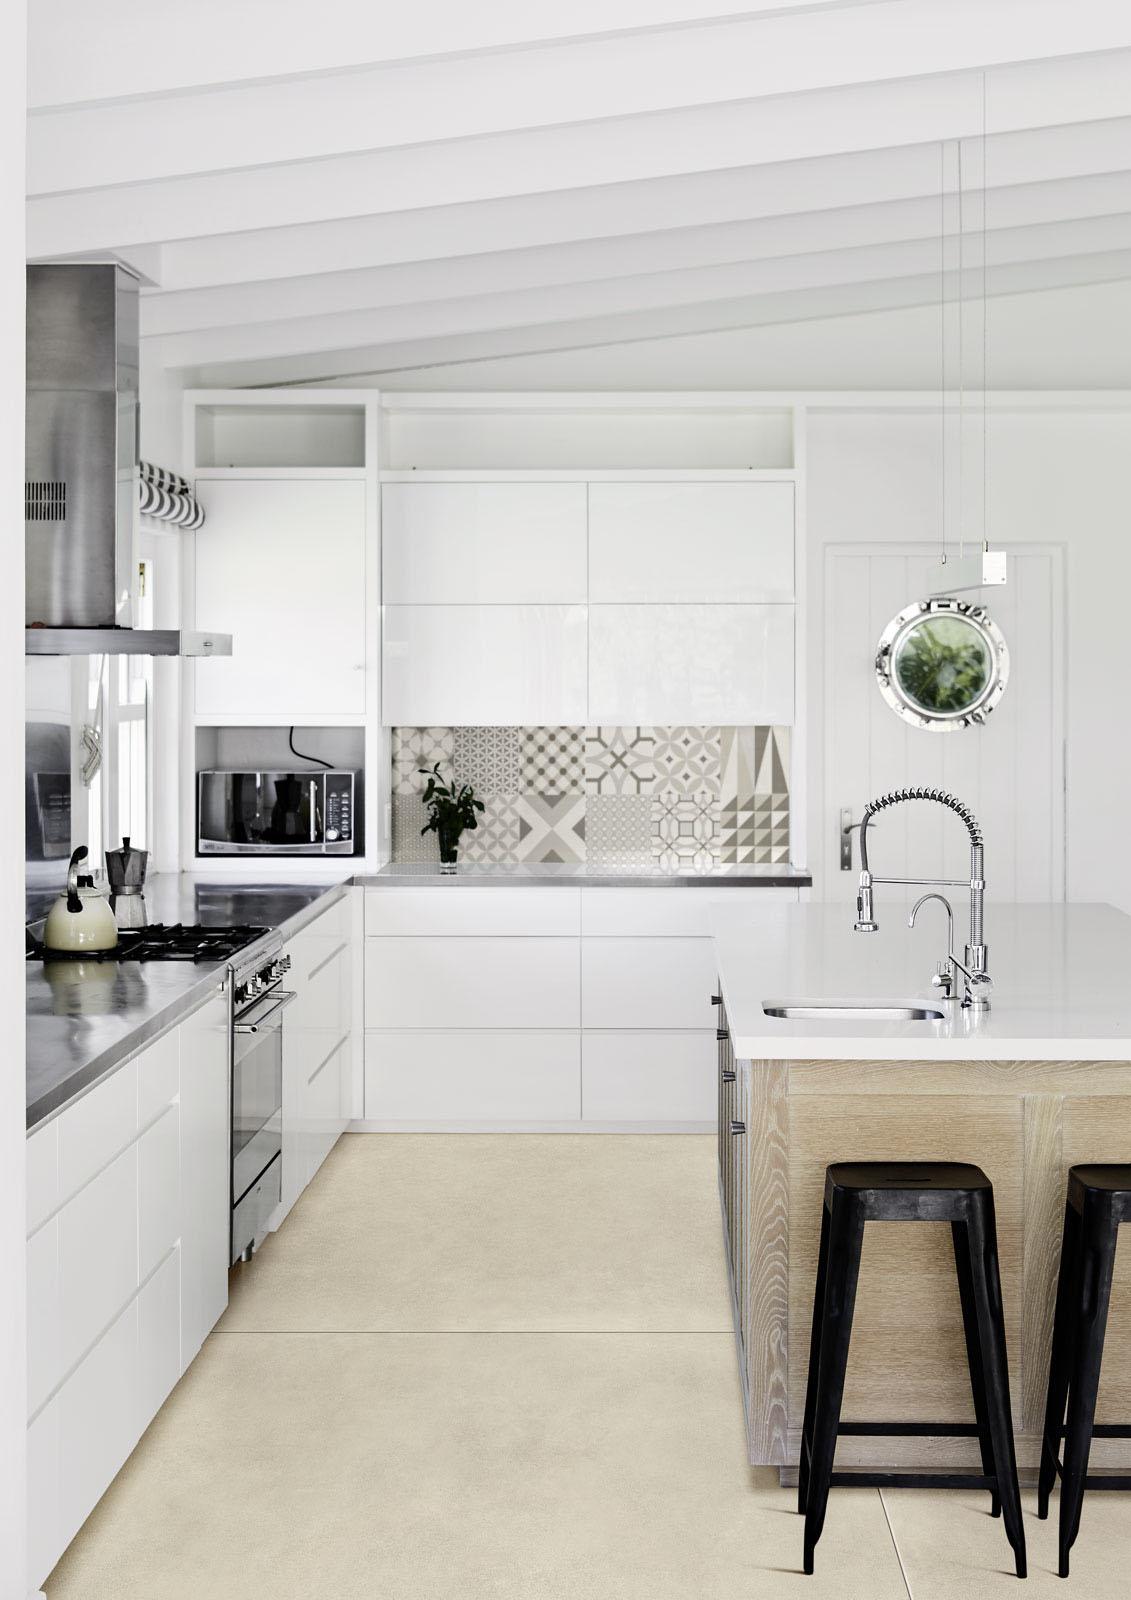 Piastrelle cucina idee in ceramica e gres marazzi - Soluzioni no piastrelle cucina ...